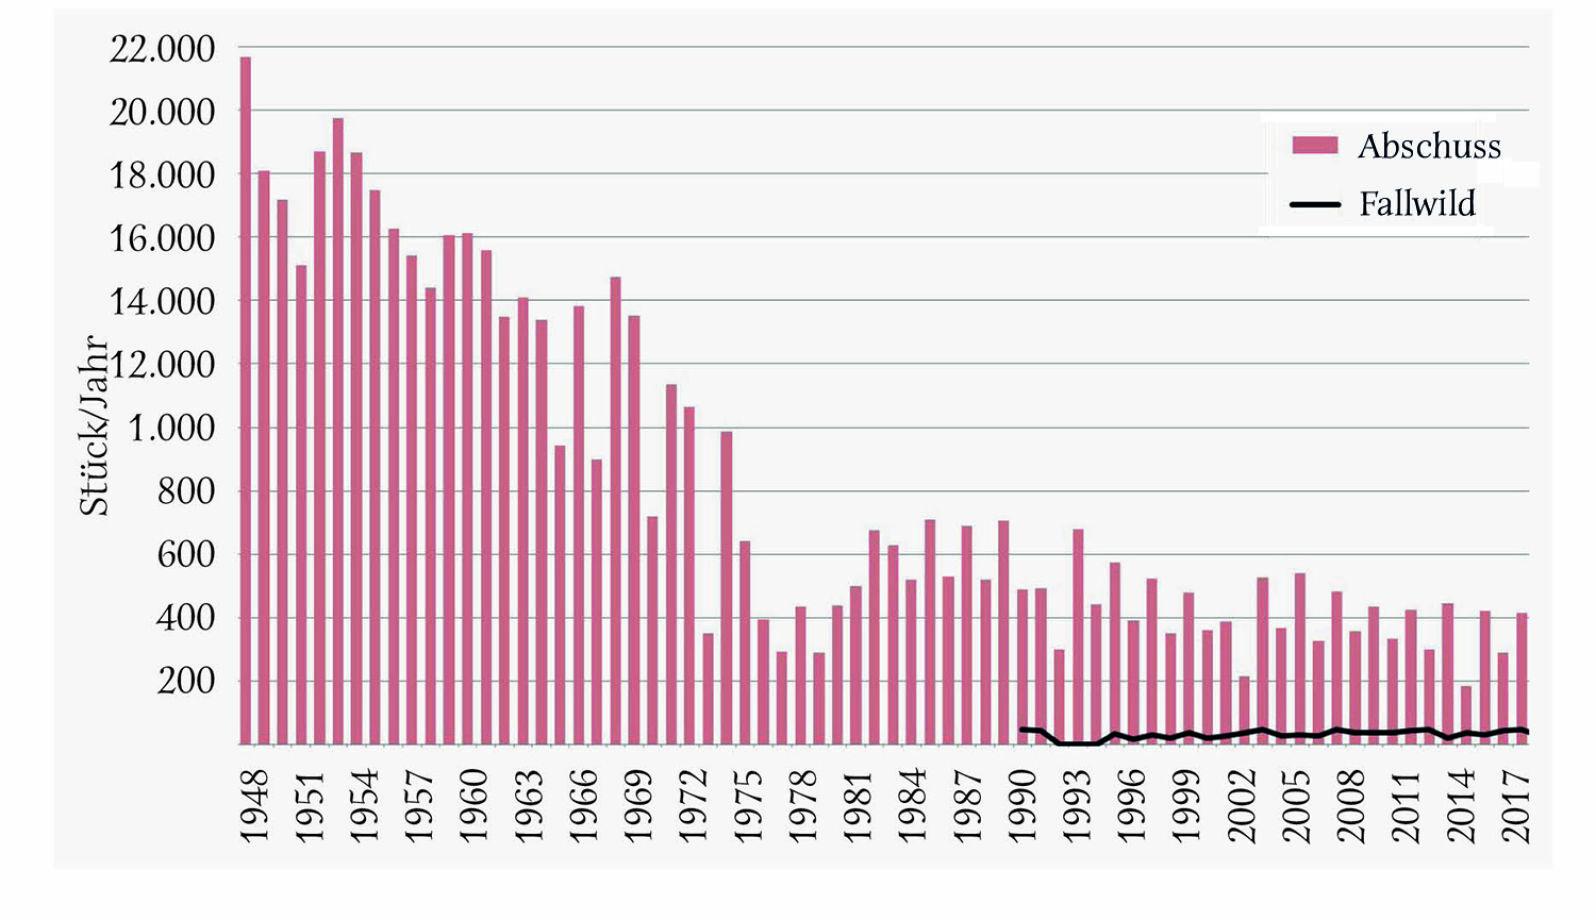 Abbildung 2 - Mittlerer jährlicher Auerhahnen-Abschuss in den österreichischen Bundesländern je 10-Jahres-Periode (letzte Periode 4 Jahre)in % vom Maximalabschuss, der in allen Bundesländern in der ersten Periode (1955–1964) erfolgte. - © Grafik Reimoser